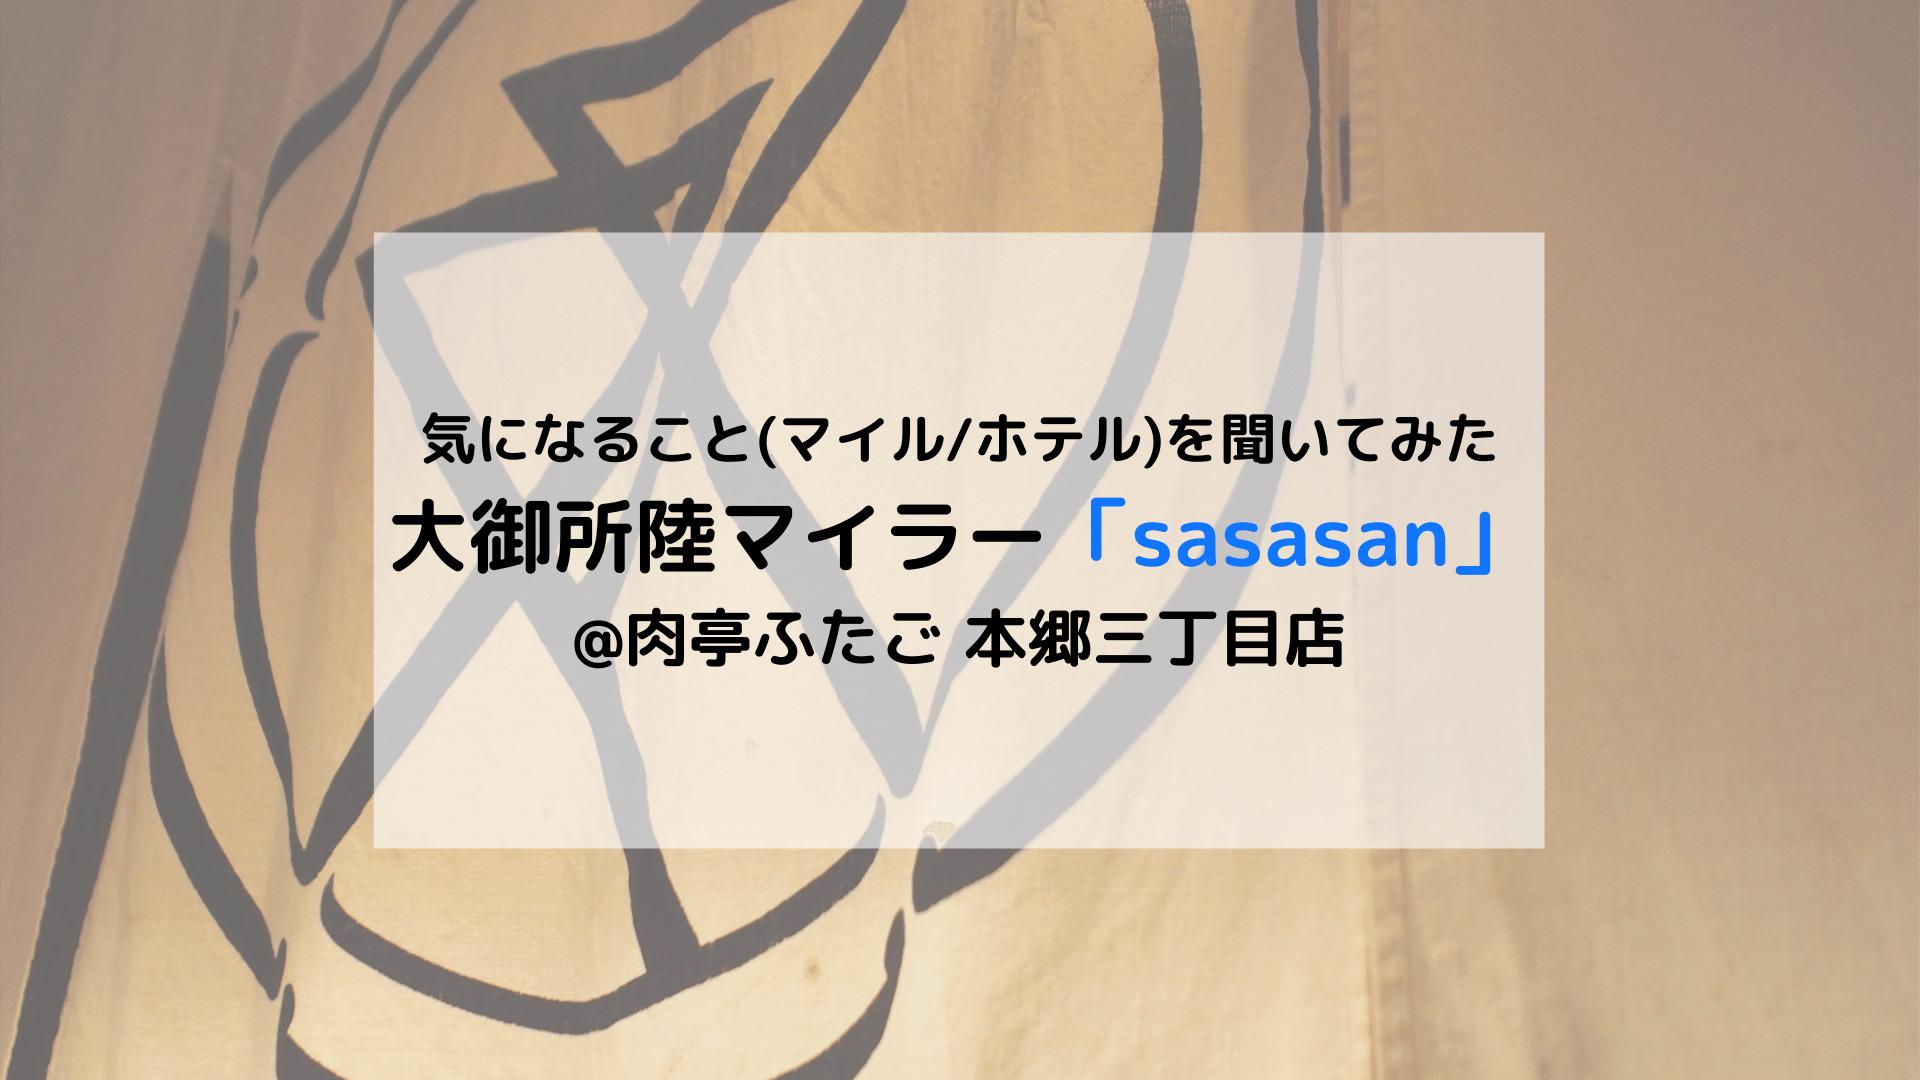 大御所陸マイラー「sasasan」に質問してみた